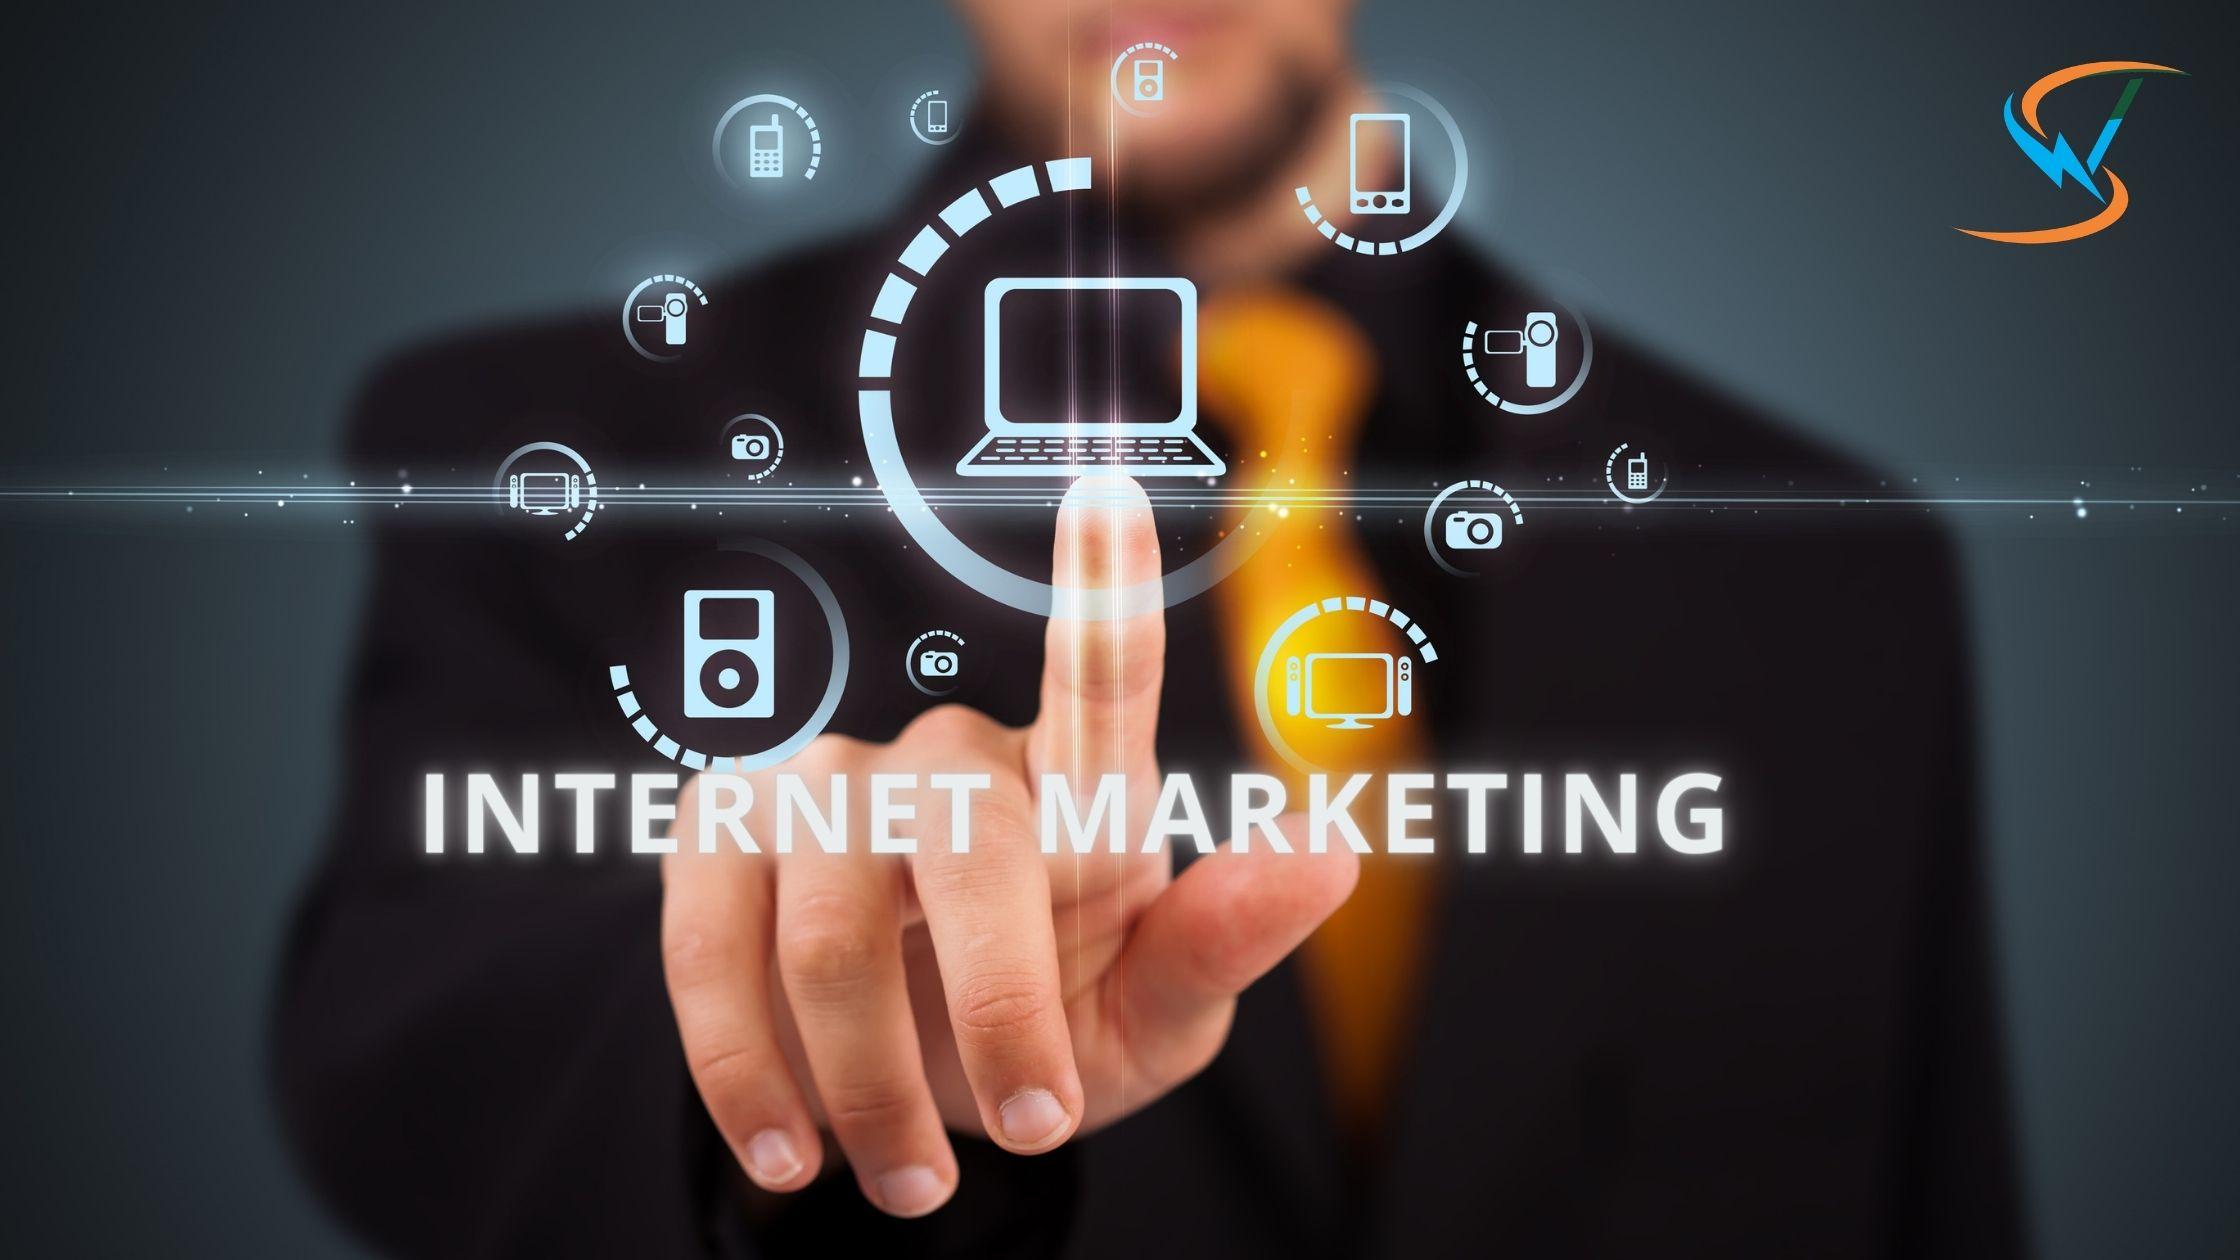 معرفی روش های مختلف اینترنت مارکتینگ